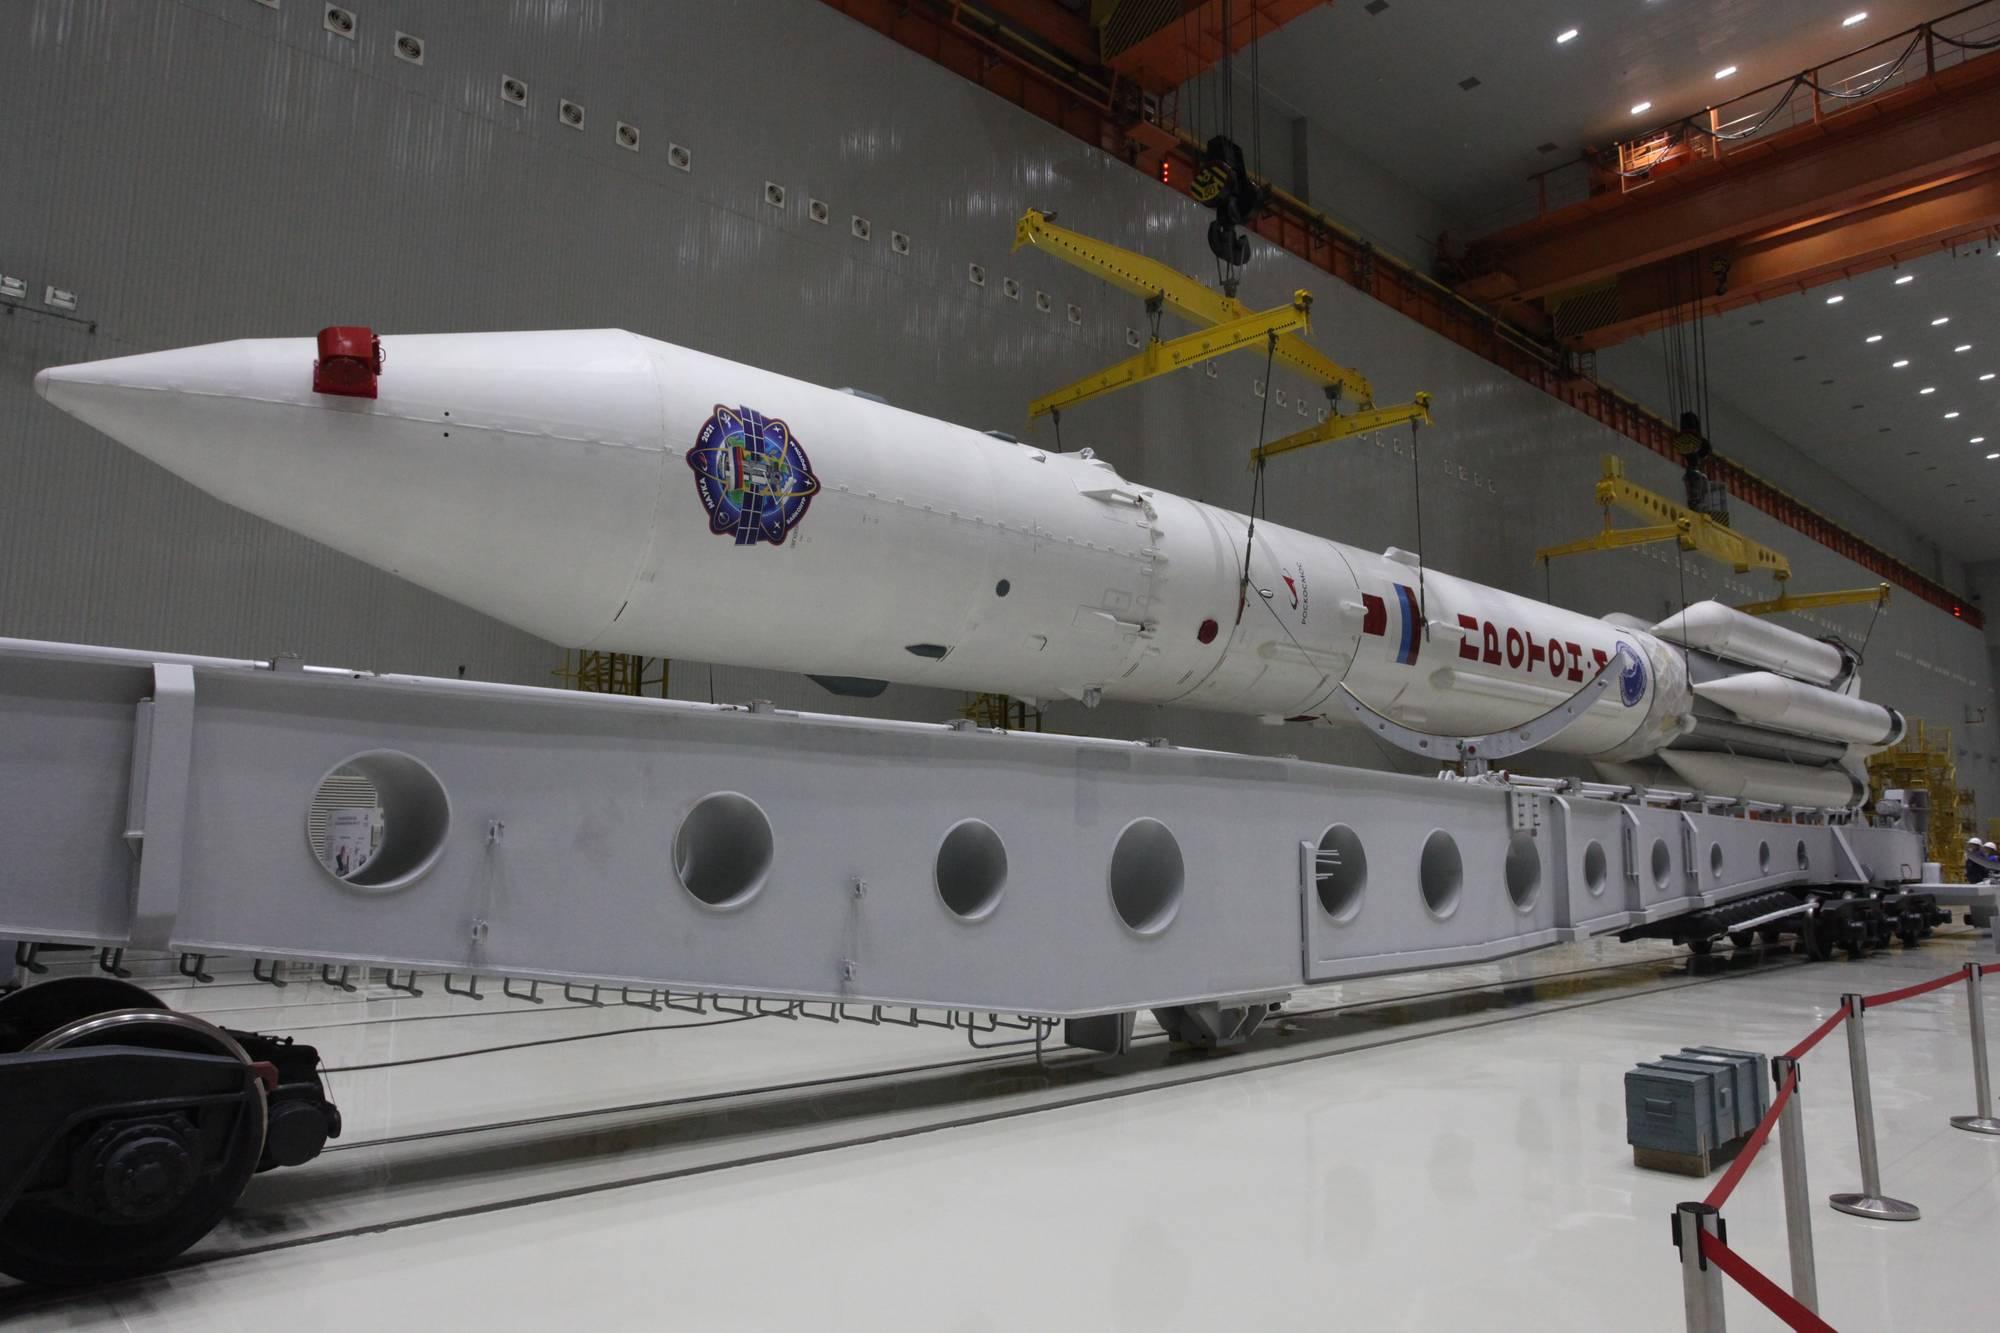 La fusée est soulevée par un pont roulant.